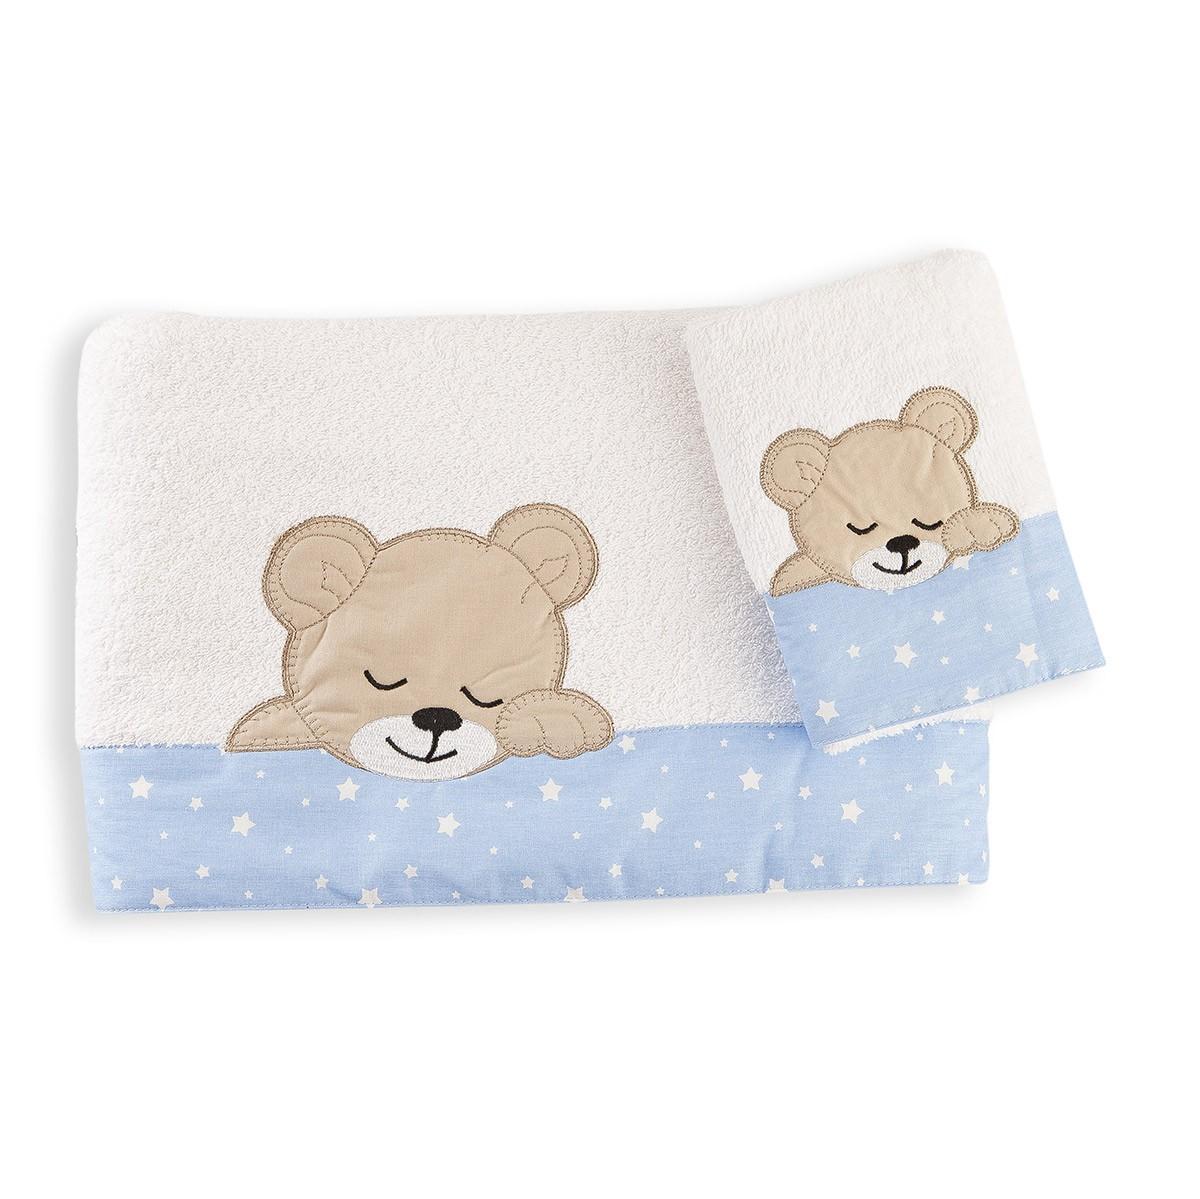 Βρεφικές Πετσέτες (Σετ 2τμχ) Dim Collection Sleeping Bear Cub 11